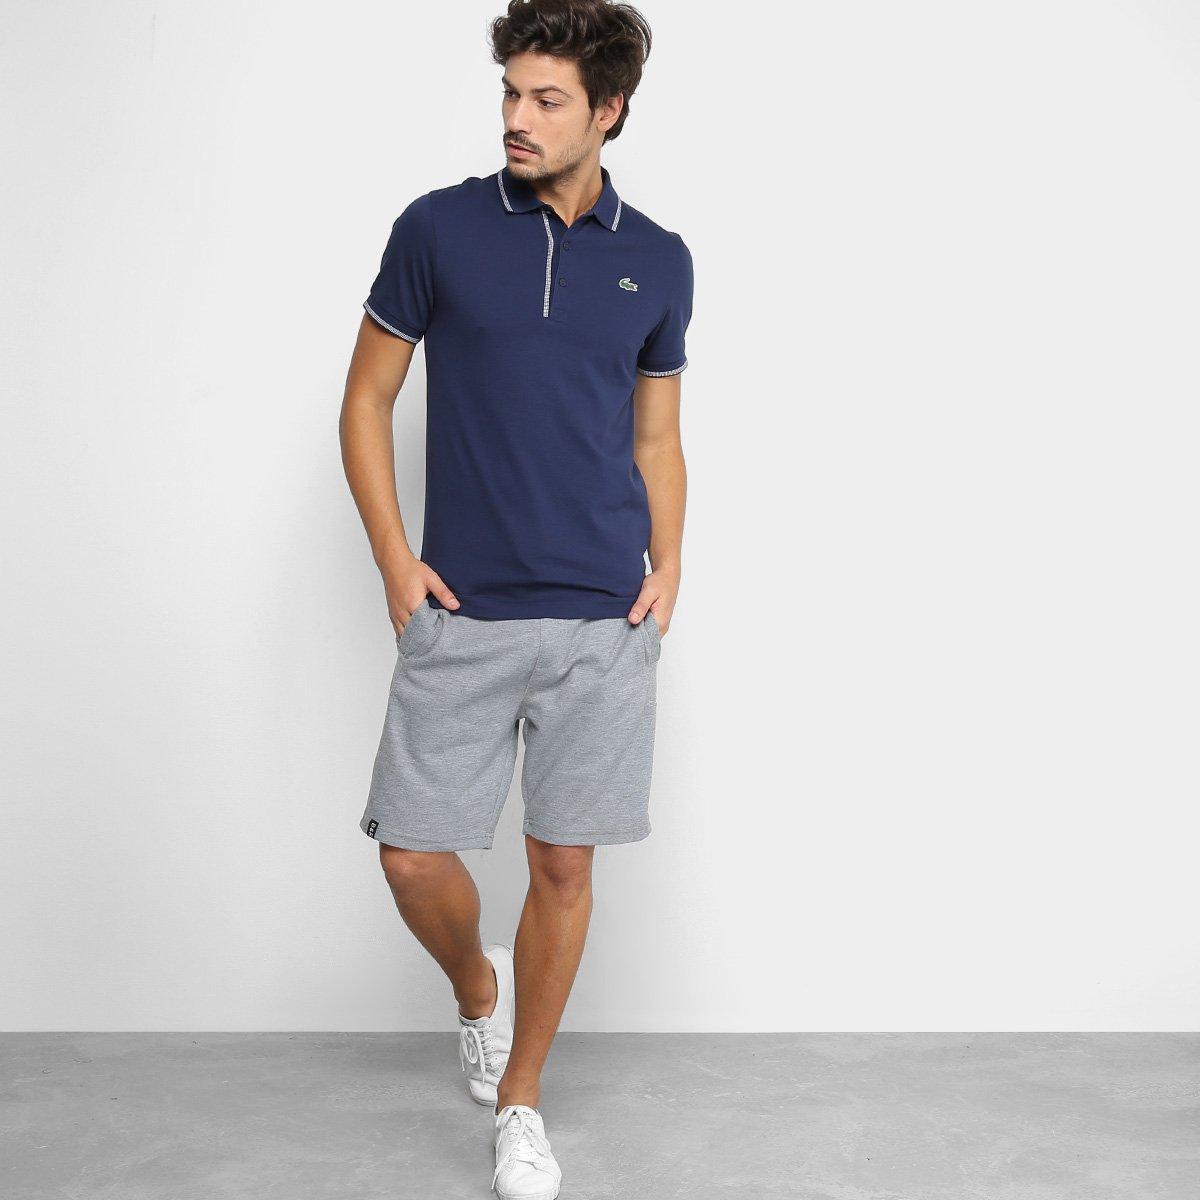 Camisa Polo Lacoste Masculina - Marinho e Branco - Compre Agora ... d5d5ea8165764